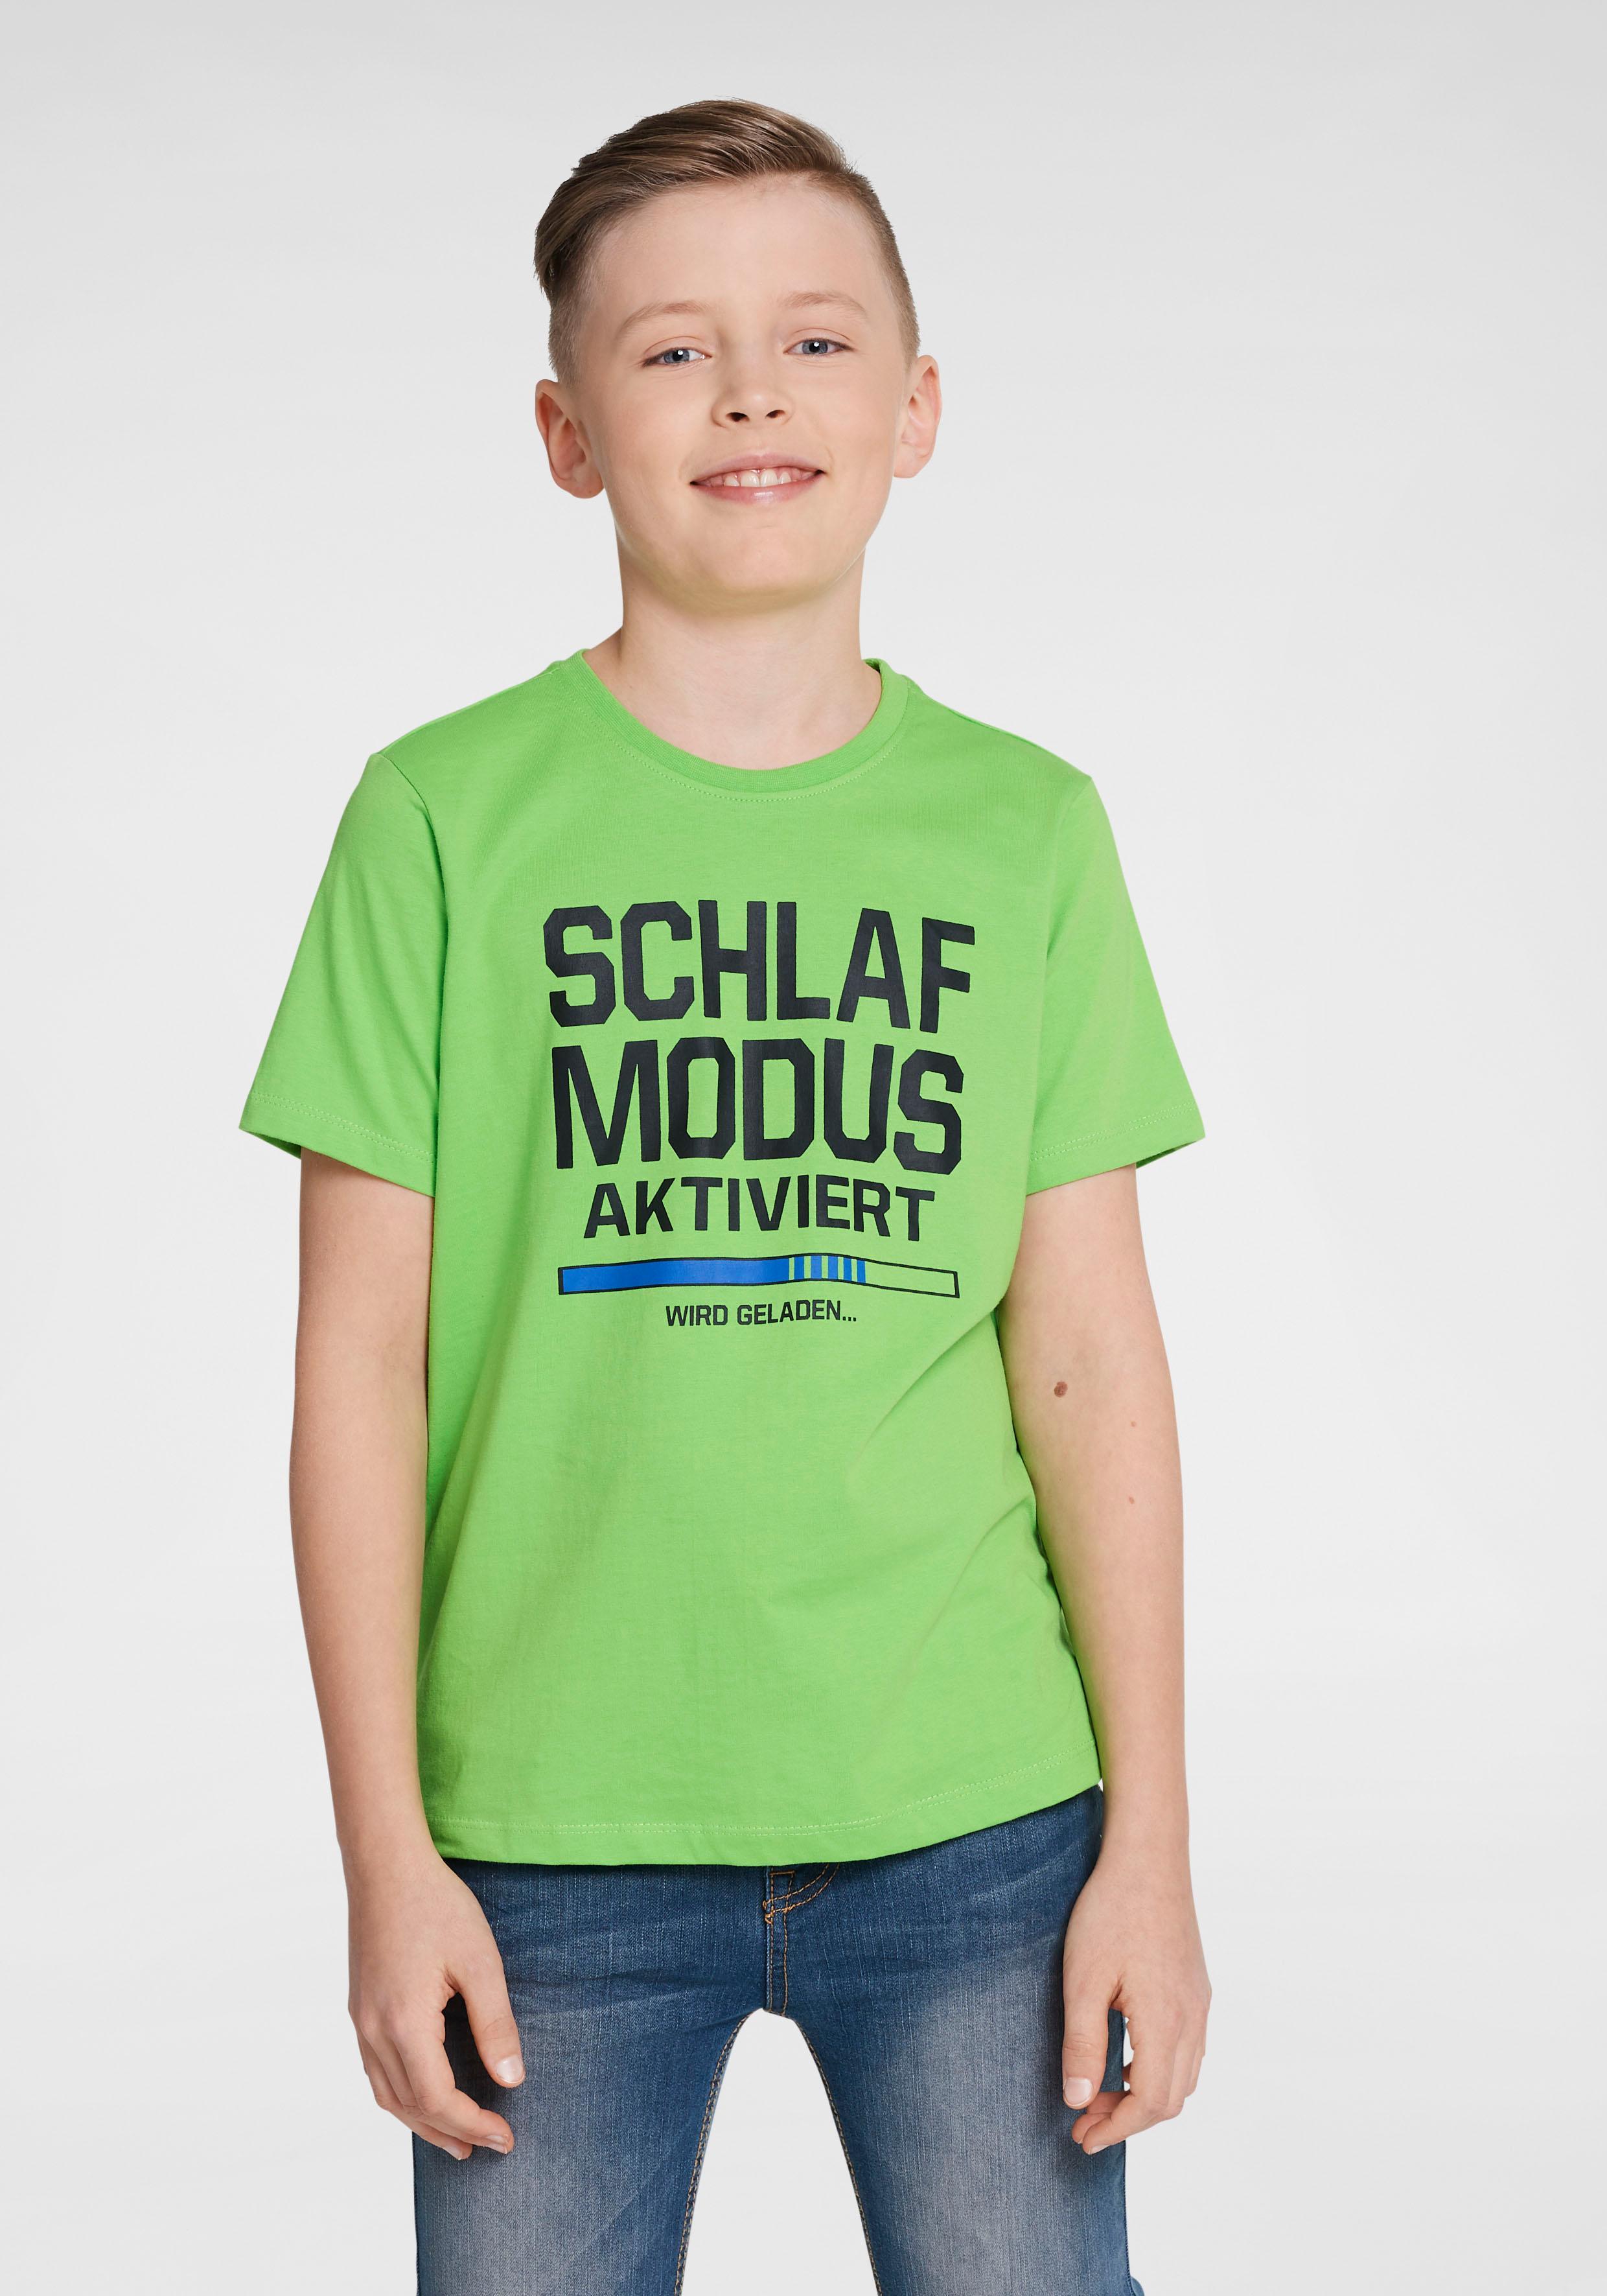 Arizona T-Shirt Schlafmodus aktiviert, Druck grün Jungen T-Shirts Shirts Jungenkleidung